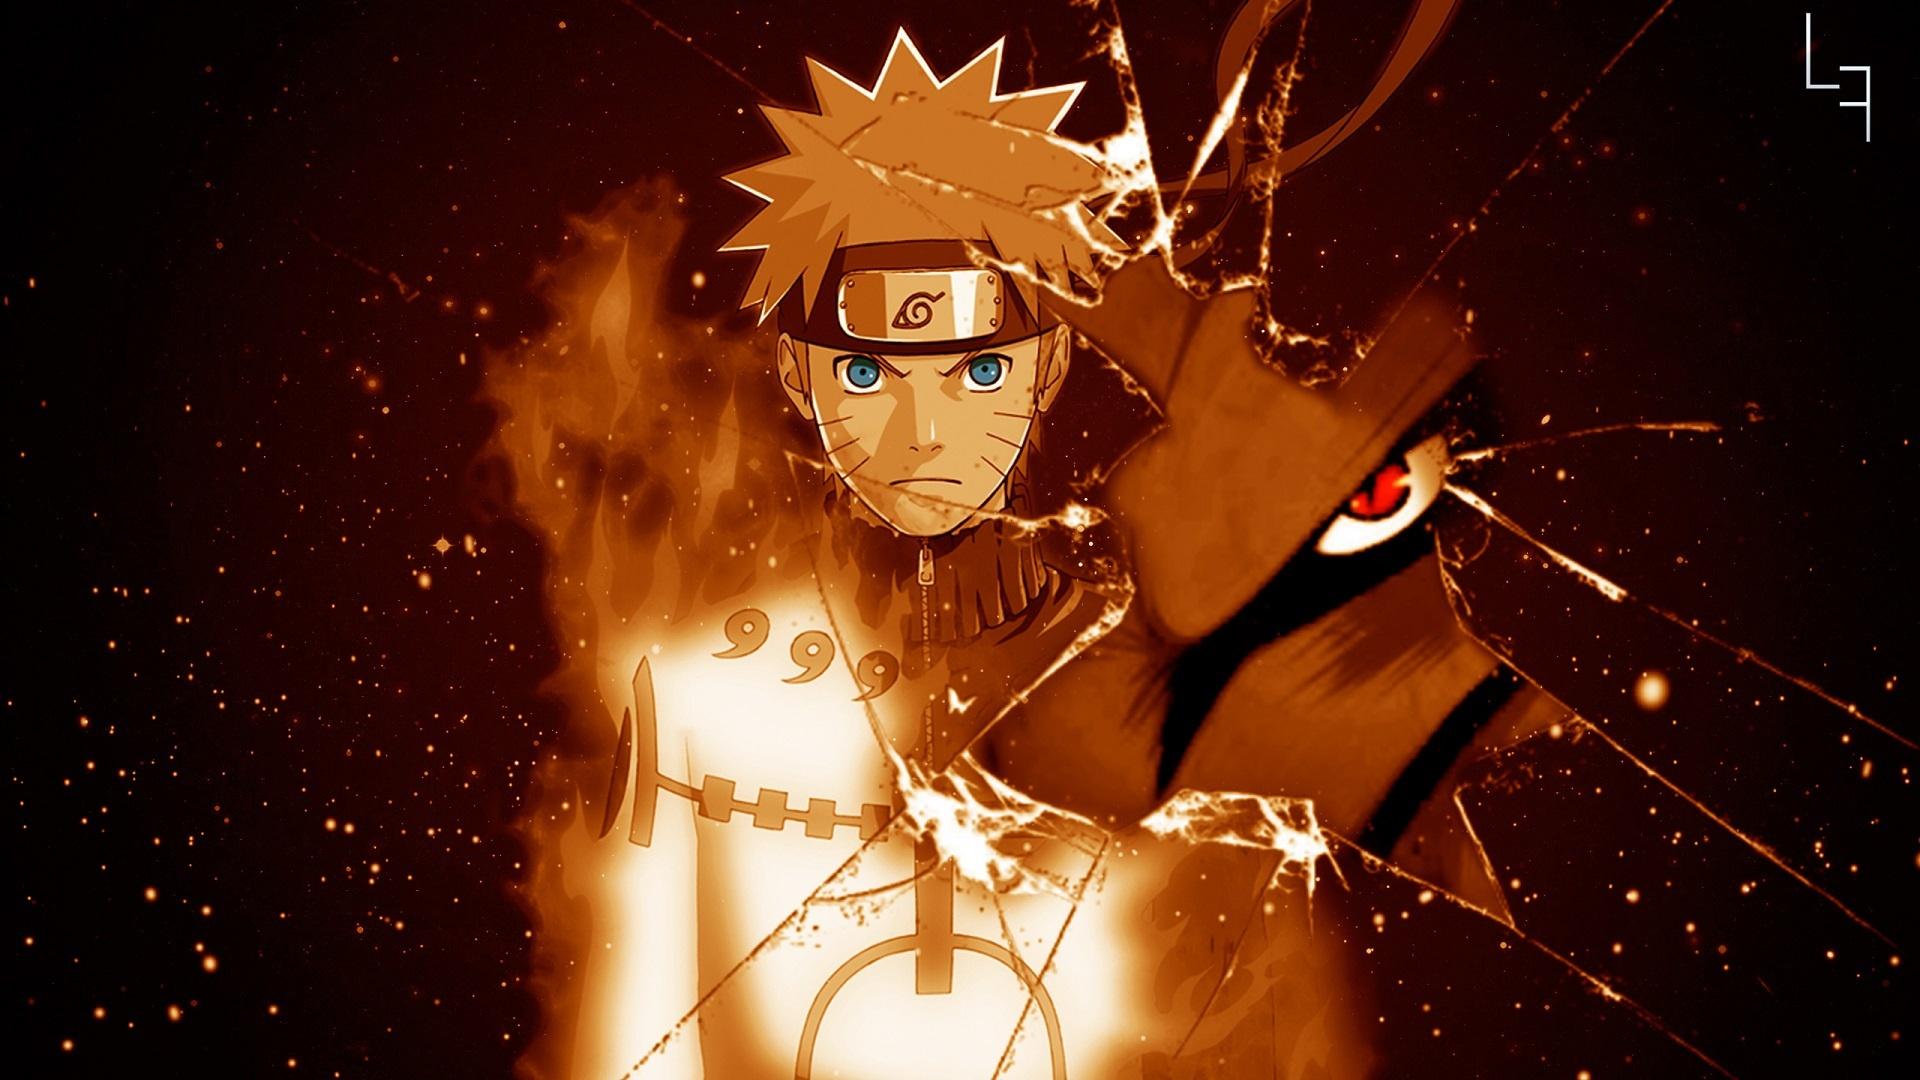 Naruto free picture